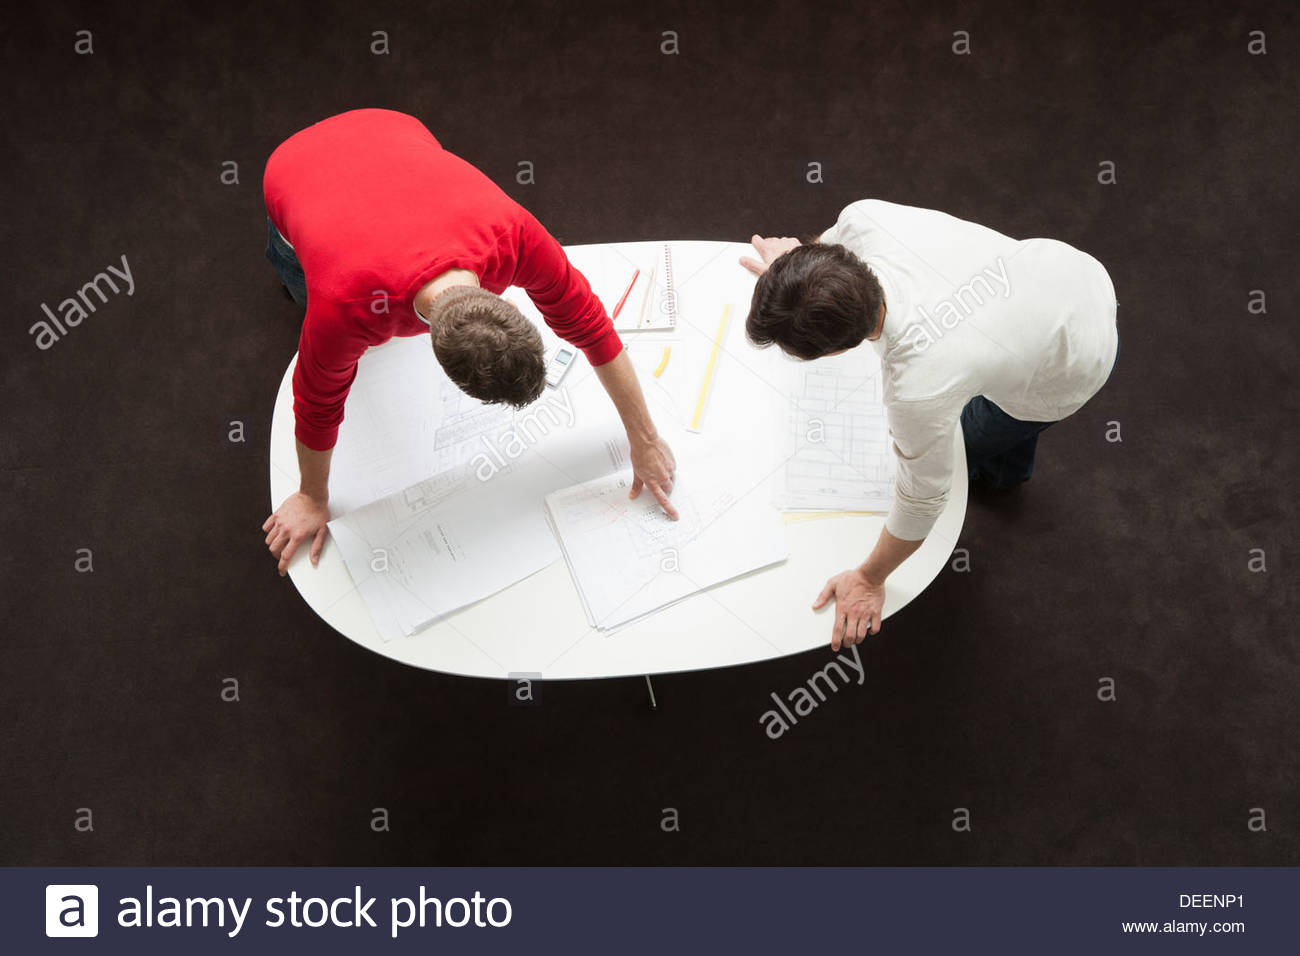 Deux hommes d'penché sur une table avec des projets et de la paperasserie Photo Stock